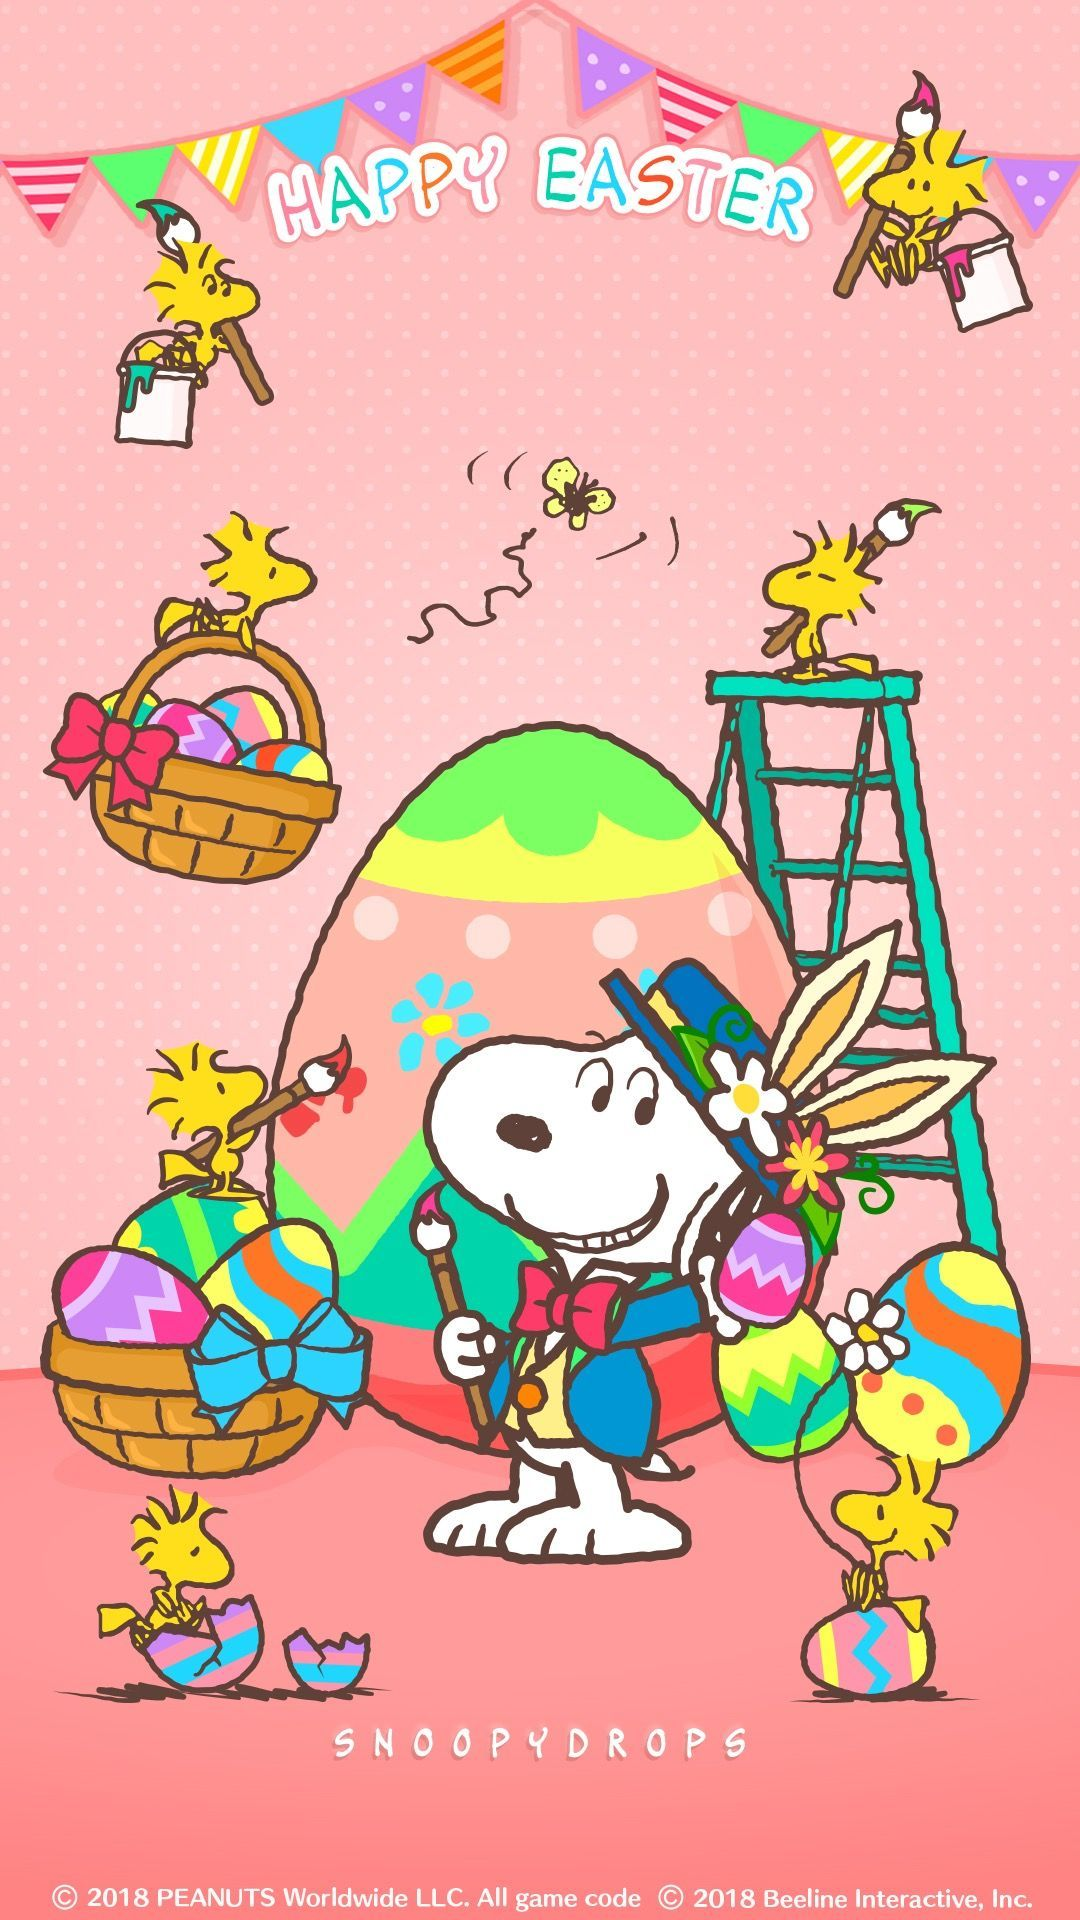 Snoopy スヌーピー ハッピー バニー スヌーピー 書き方 スヌーピー イラスト スヌーピーの壁紙